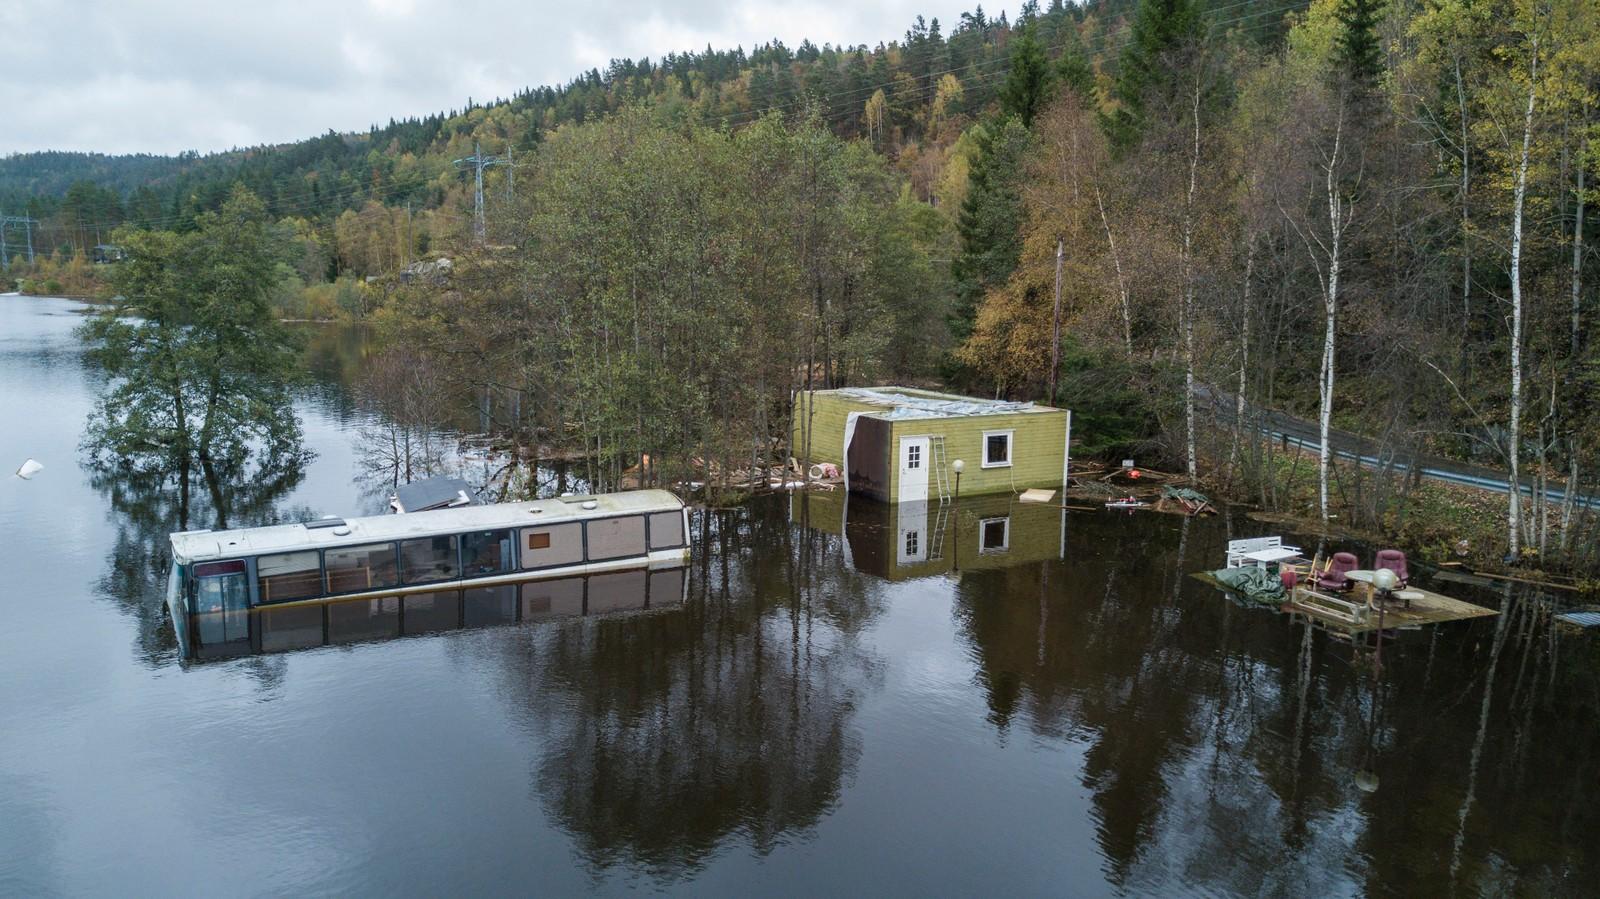 VENNESLA: Dronefoto som viser Bjønndalen Camp nord for Vennesla. De som bor der sier de aldri har sett så mye vann før.